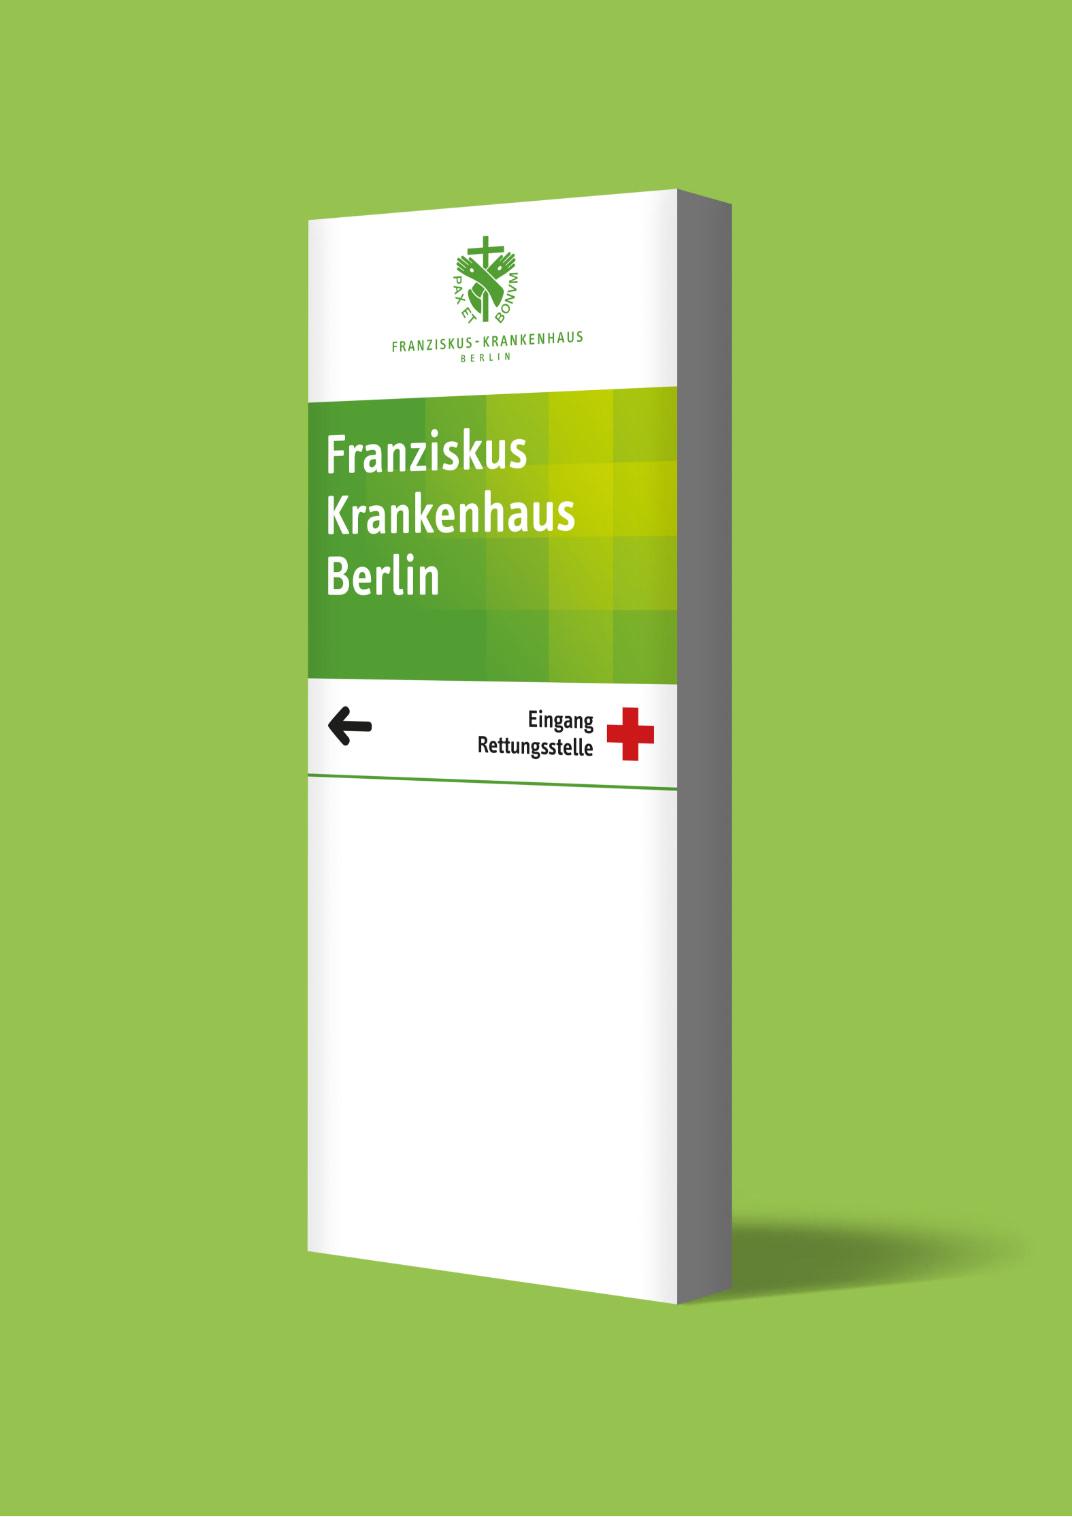 Ansicht einer Stele mit Wegweisern im neuen Design des Franziskus-Krankenhauses, gestaltet von der Healthcare Werbeagentur mcs